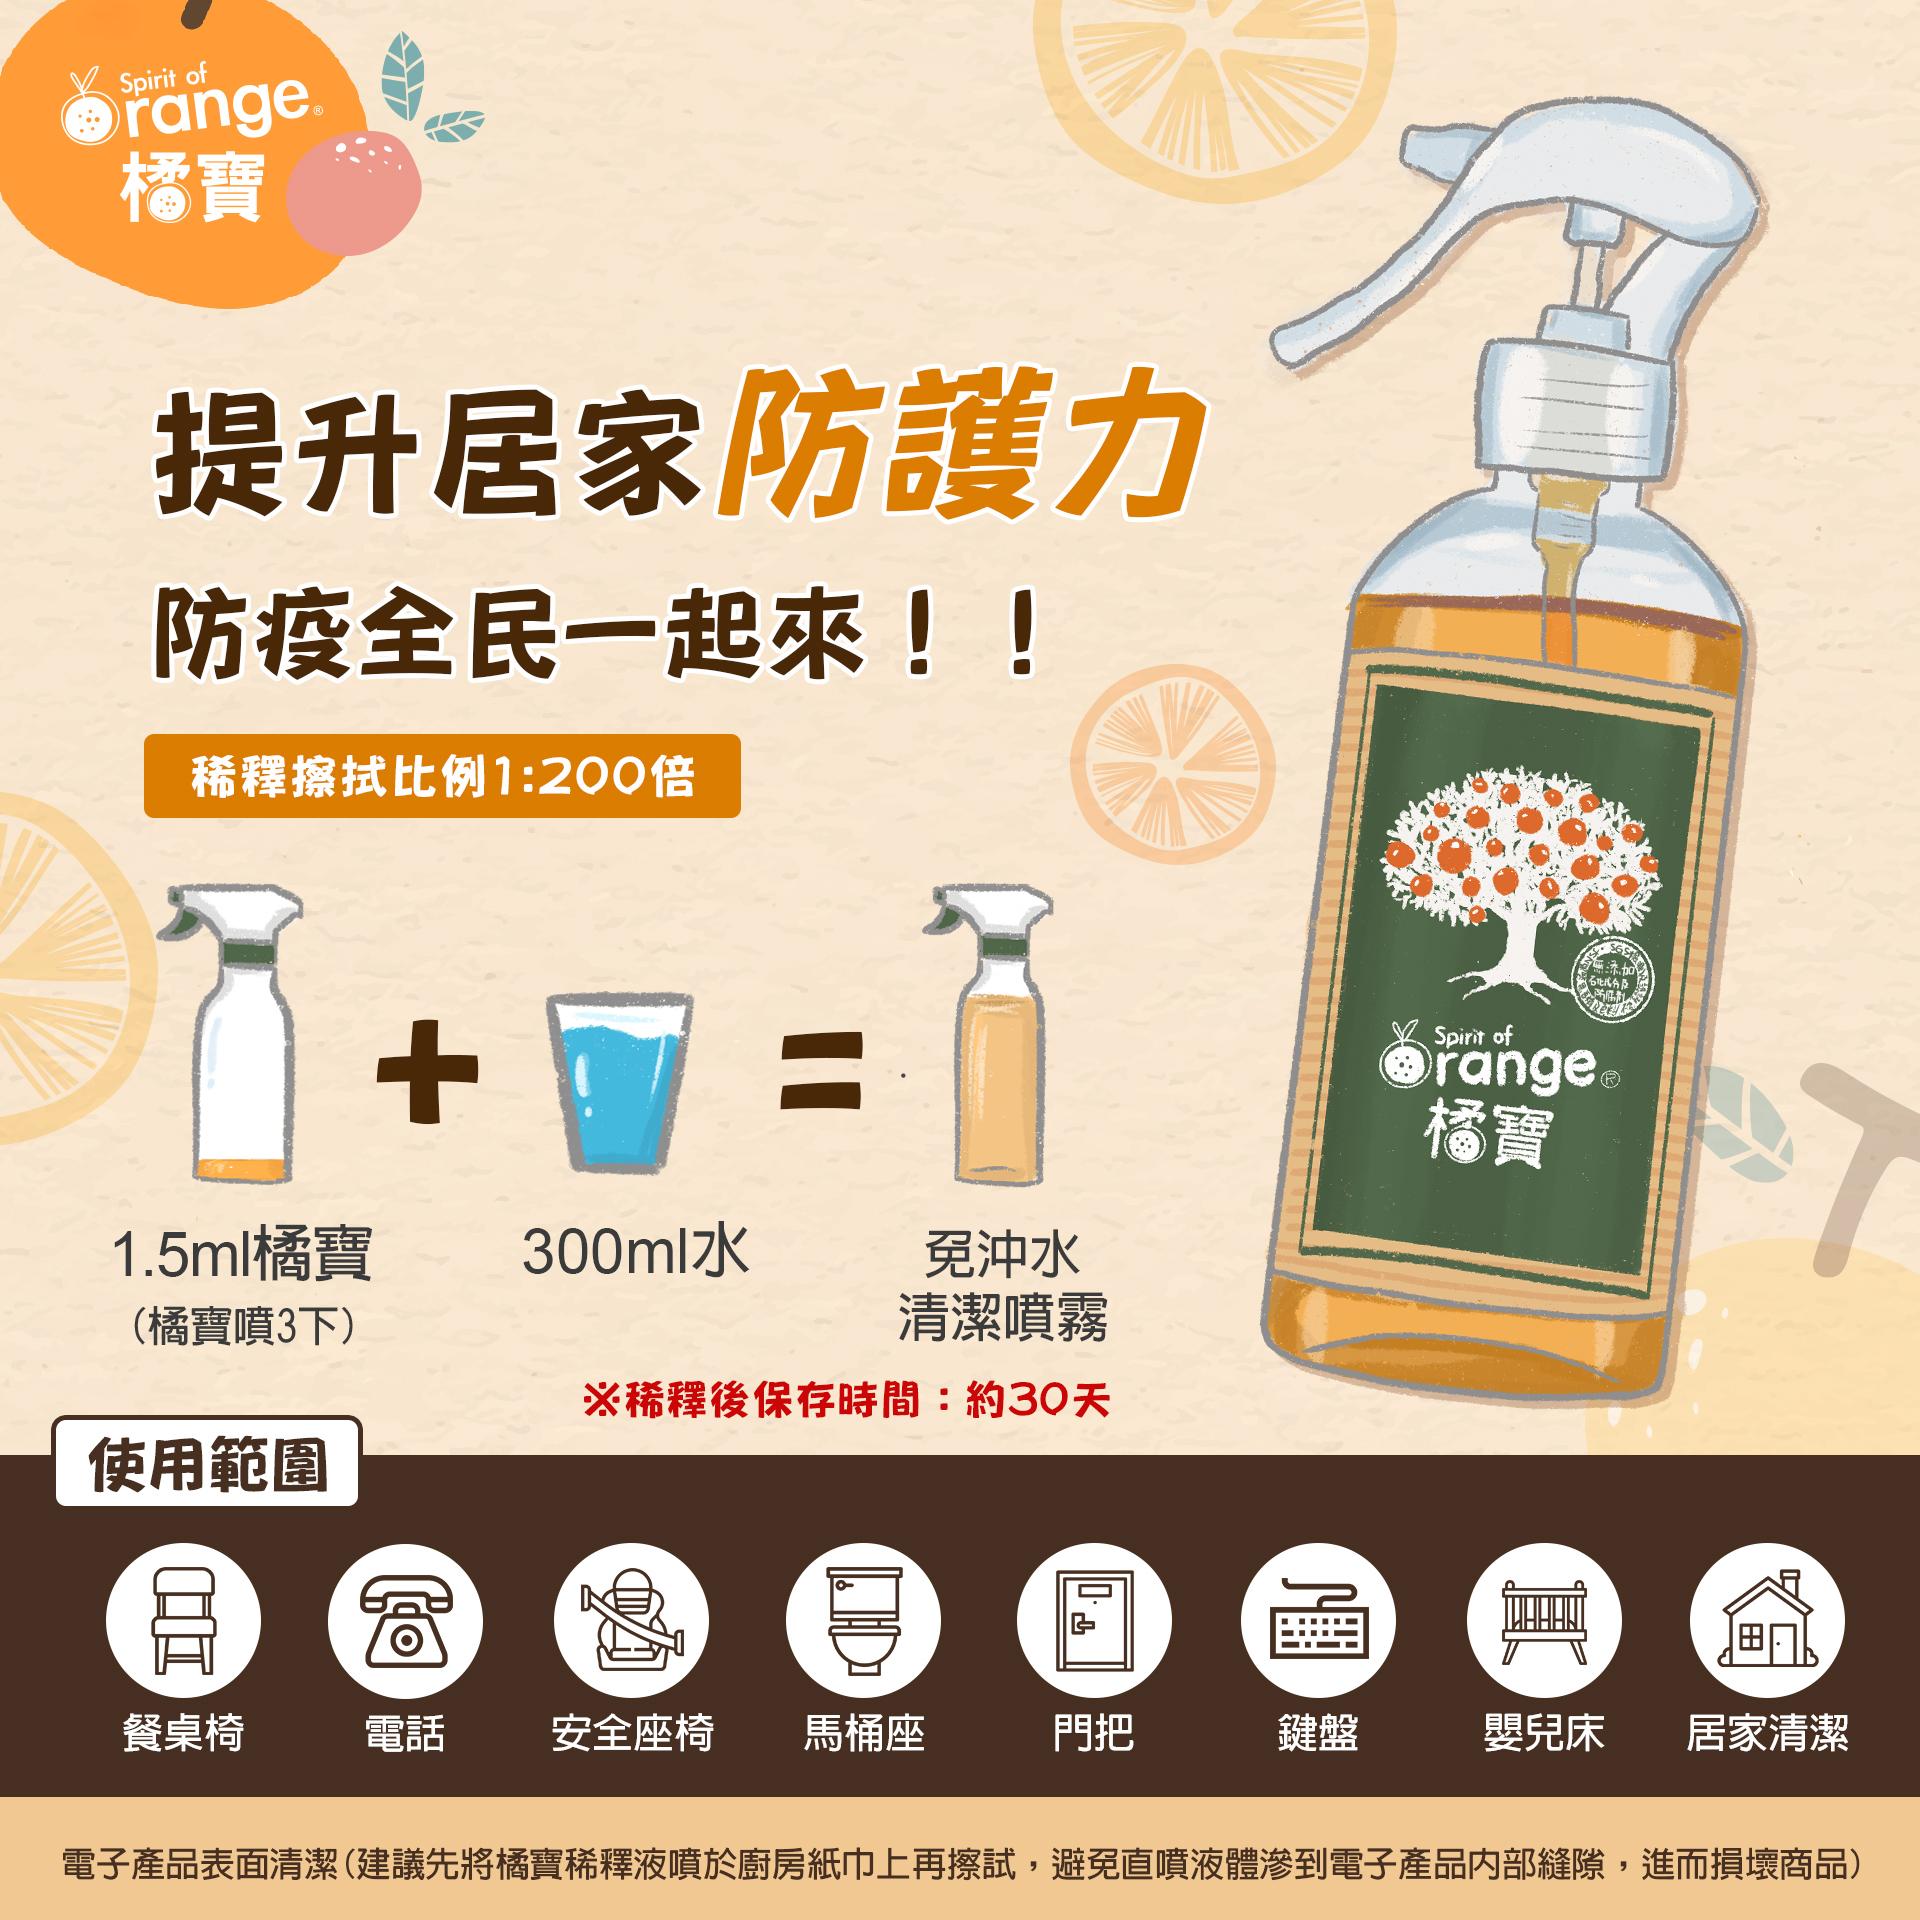 橘寶濃縮洗淨液-DIY擦拭清潔抗菌